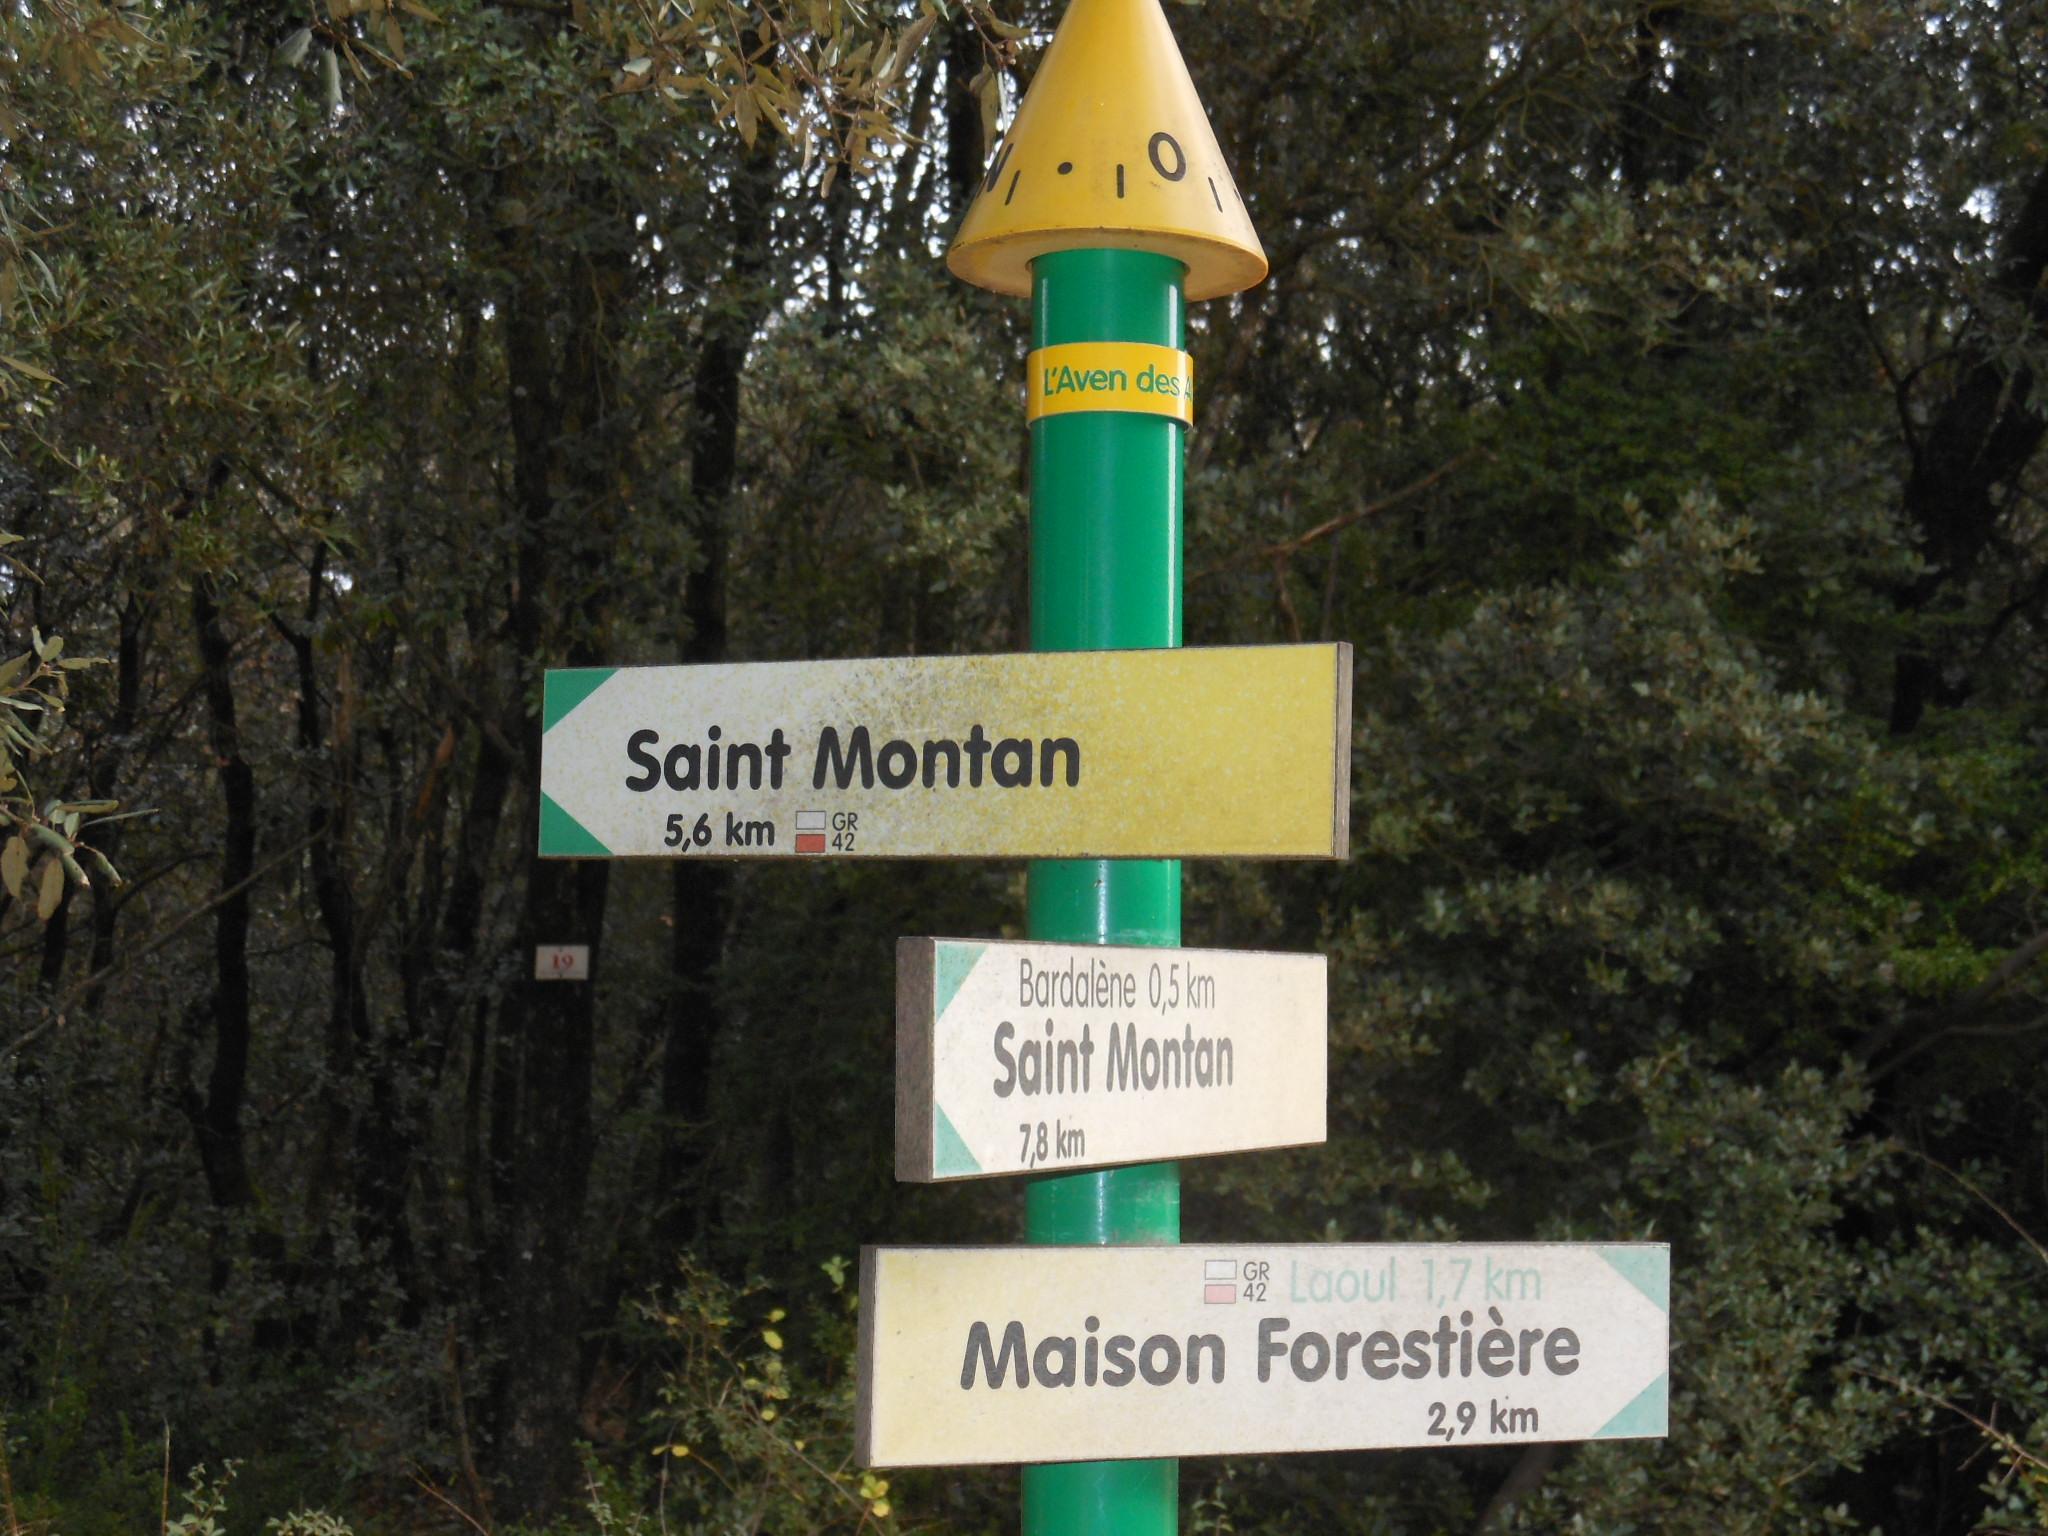 Poteau indicateur de randonnées près de Saint Montan en Ardèche